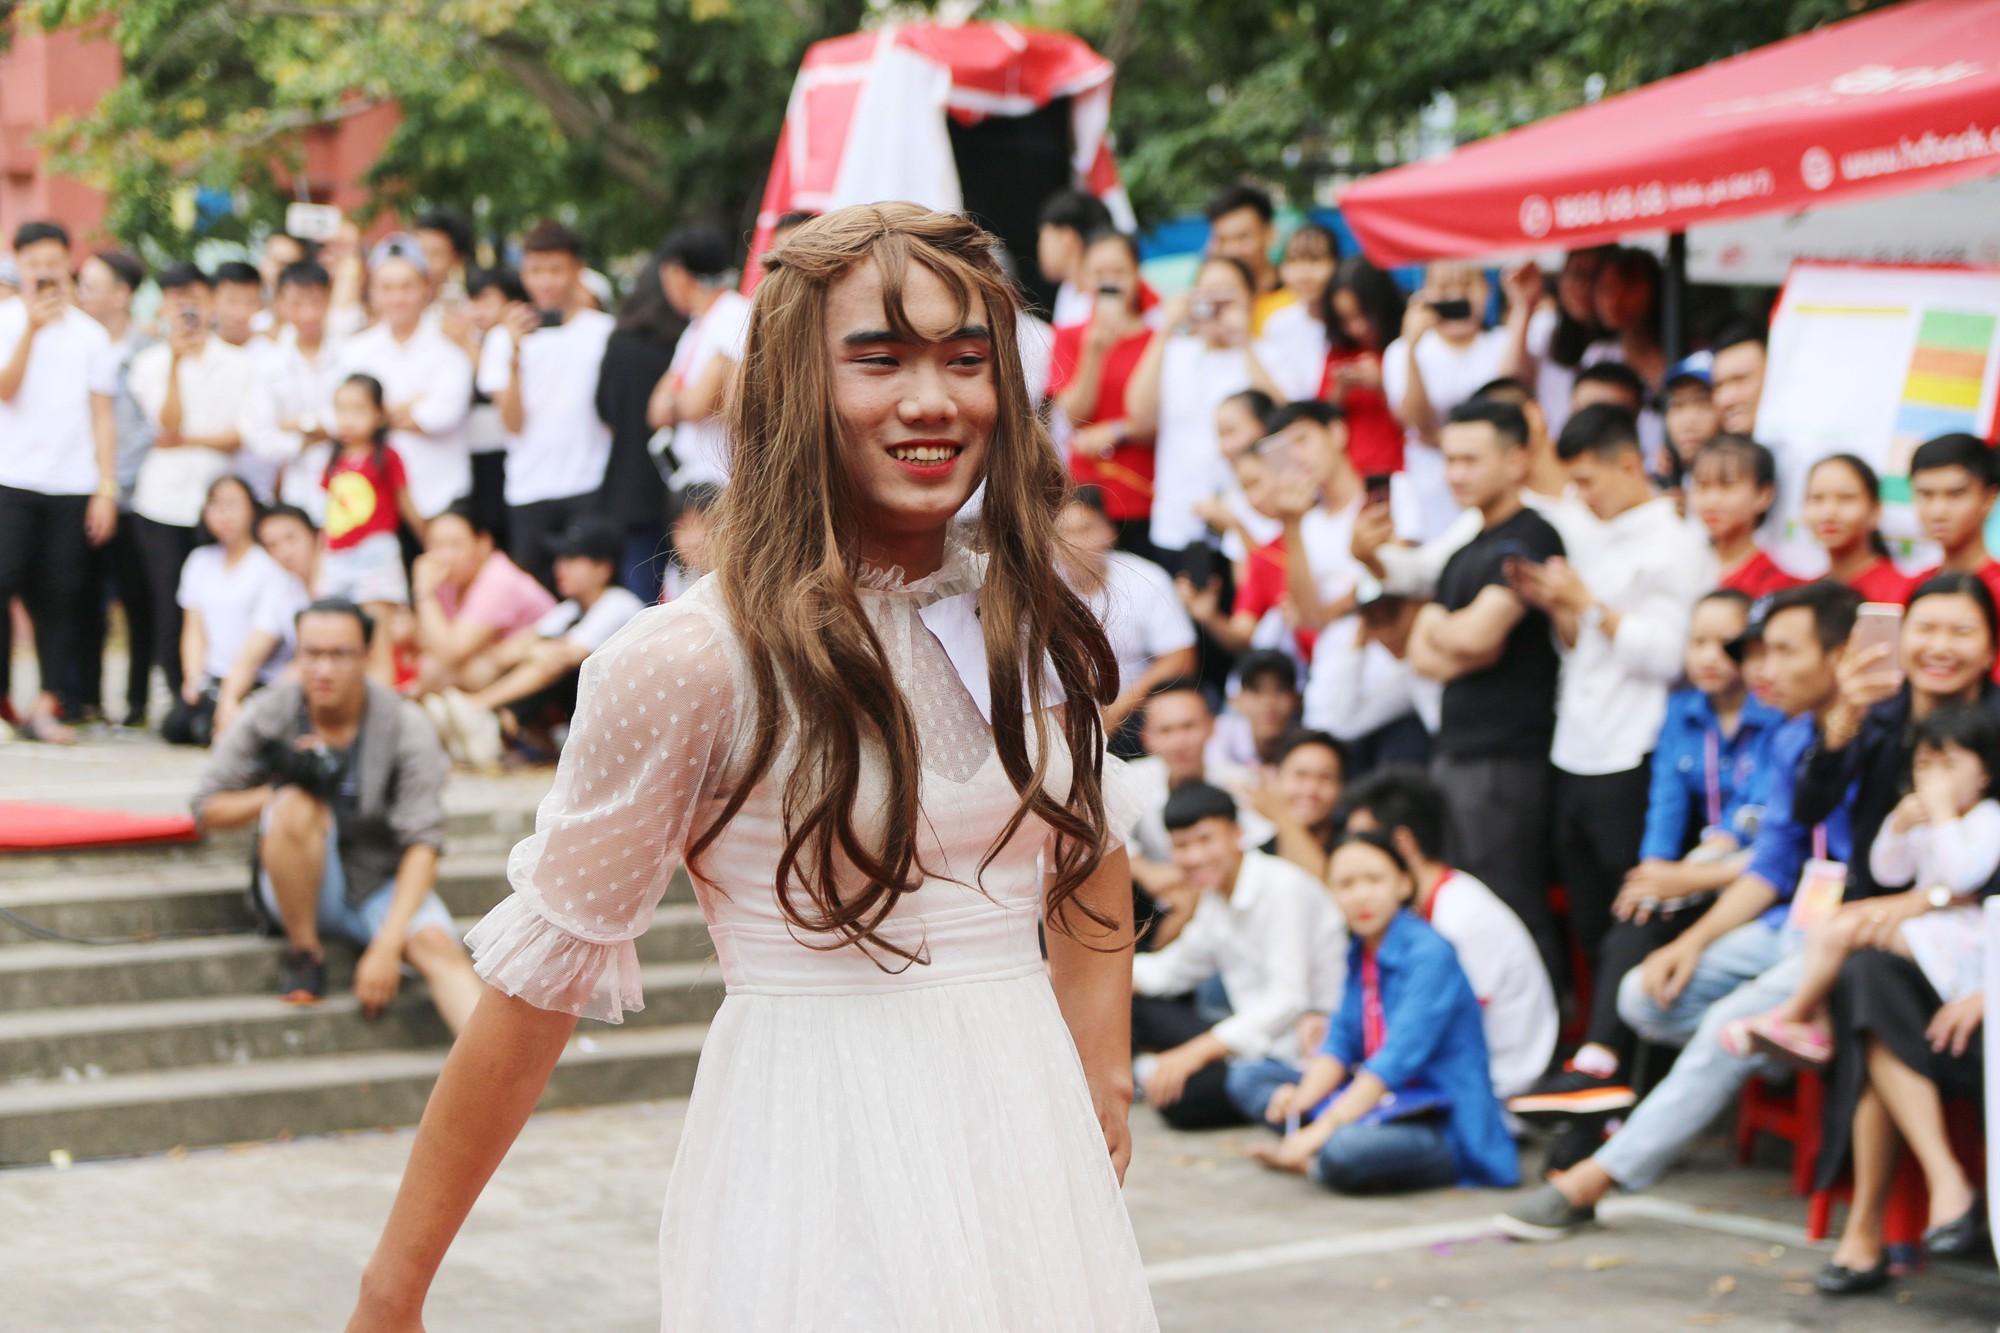 Cuộc thi Miss nam sinh khiến các cô gái thi nhau than trời xấu hổ vì nhan sắc của mình còn thua xa các bạn nam giả gái! - Ảnh 4.